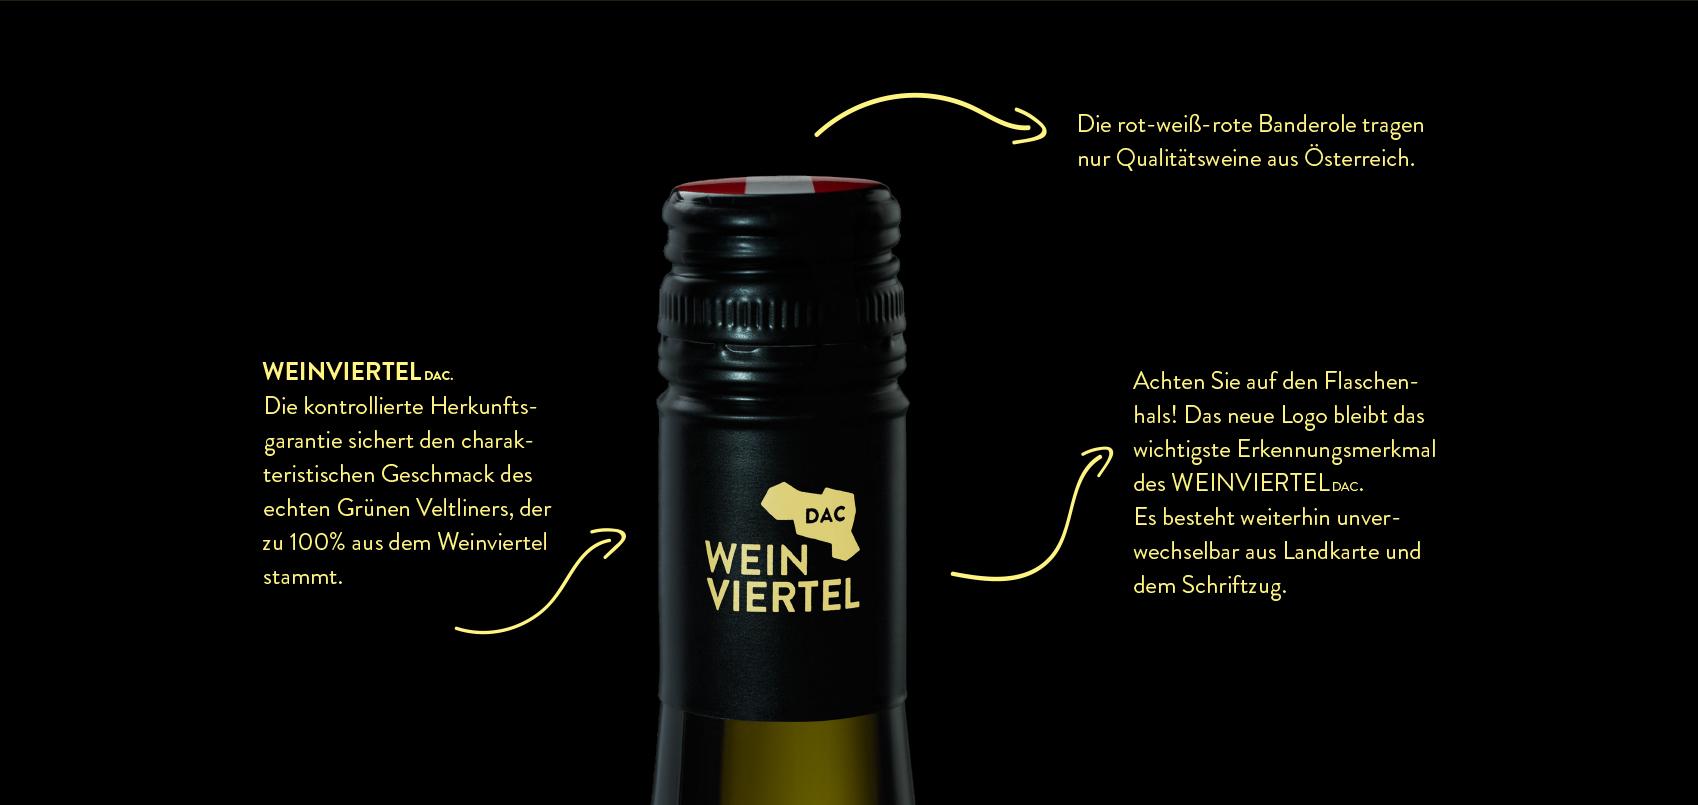 Winzer und Wein aus dem Weinviertel